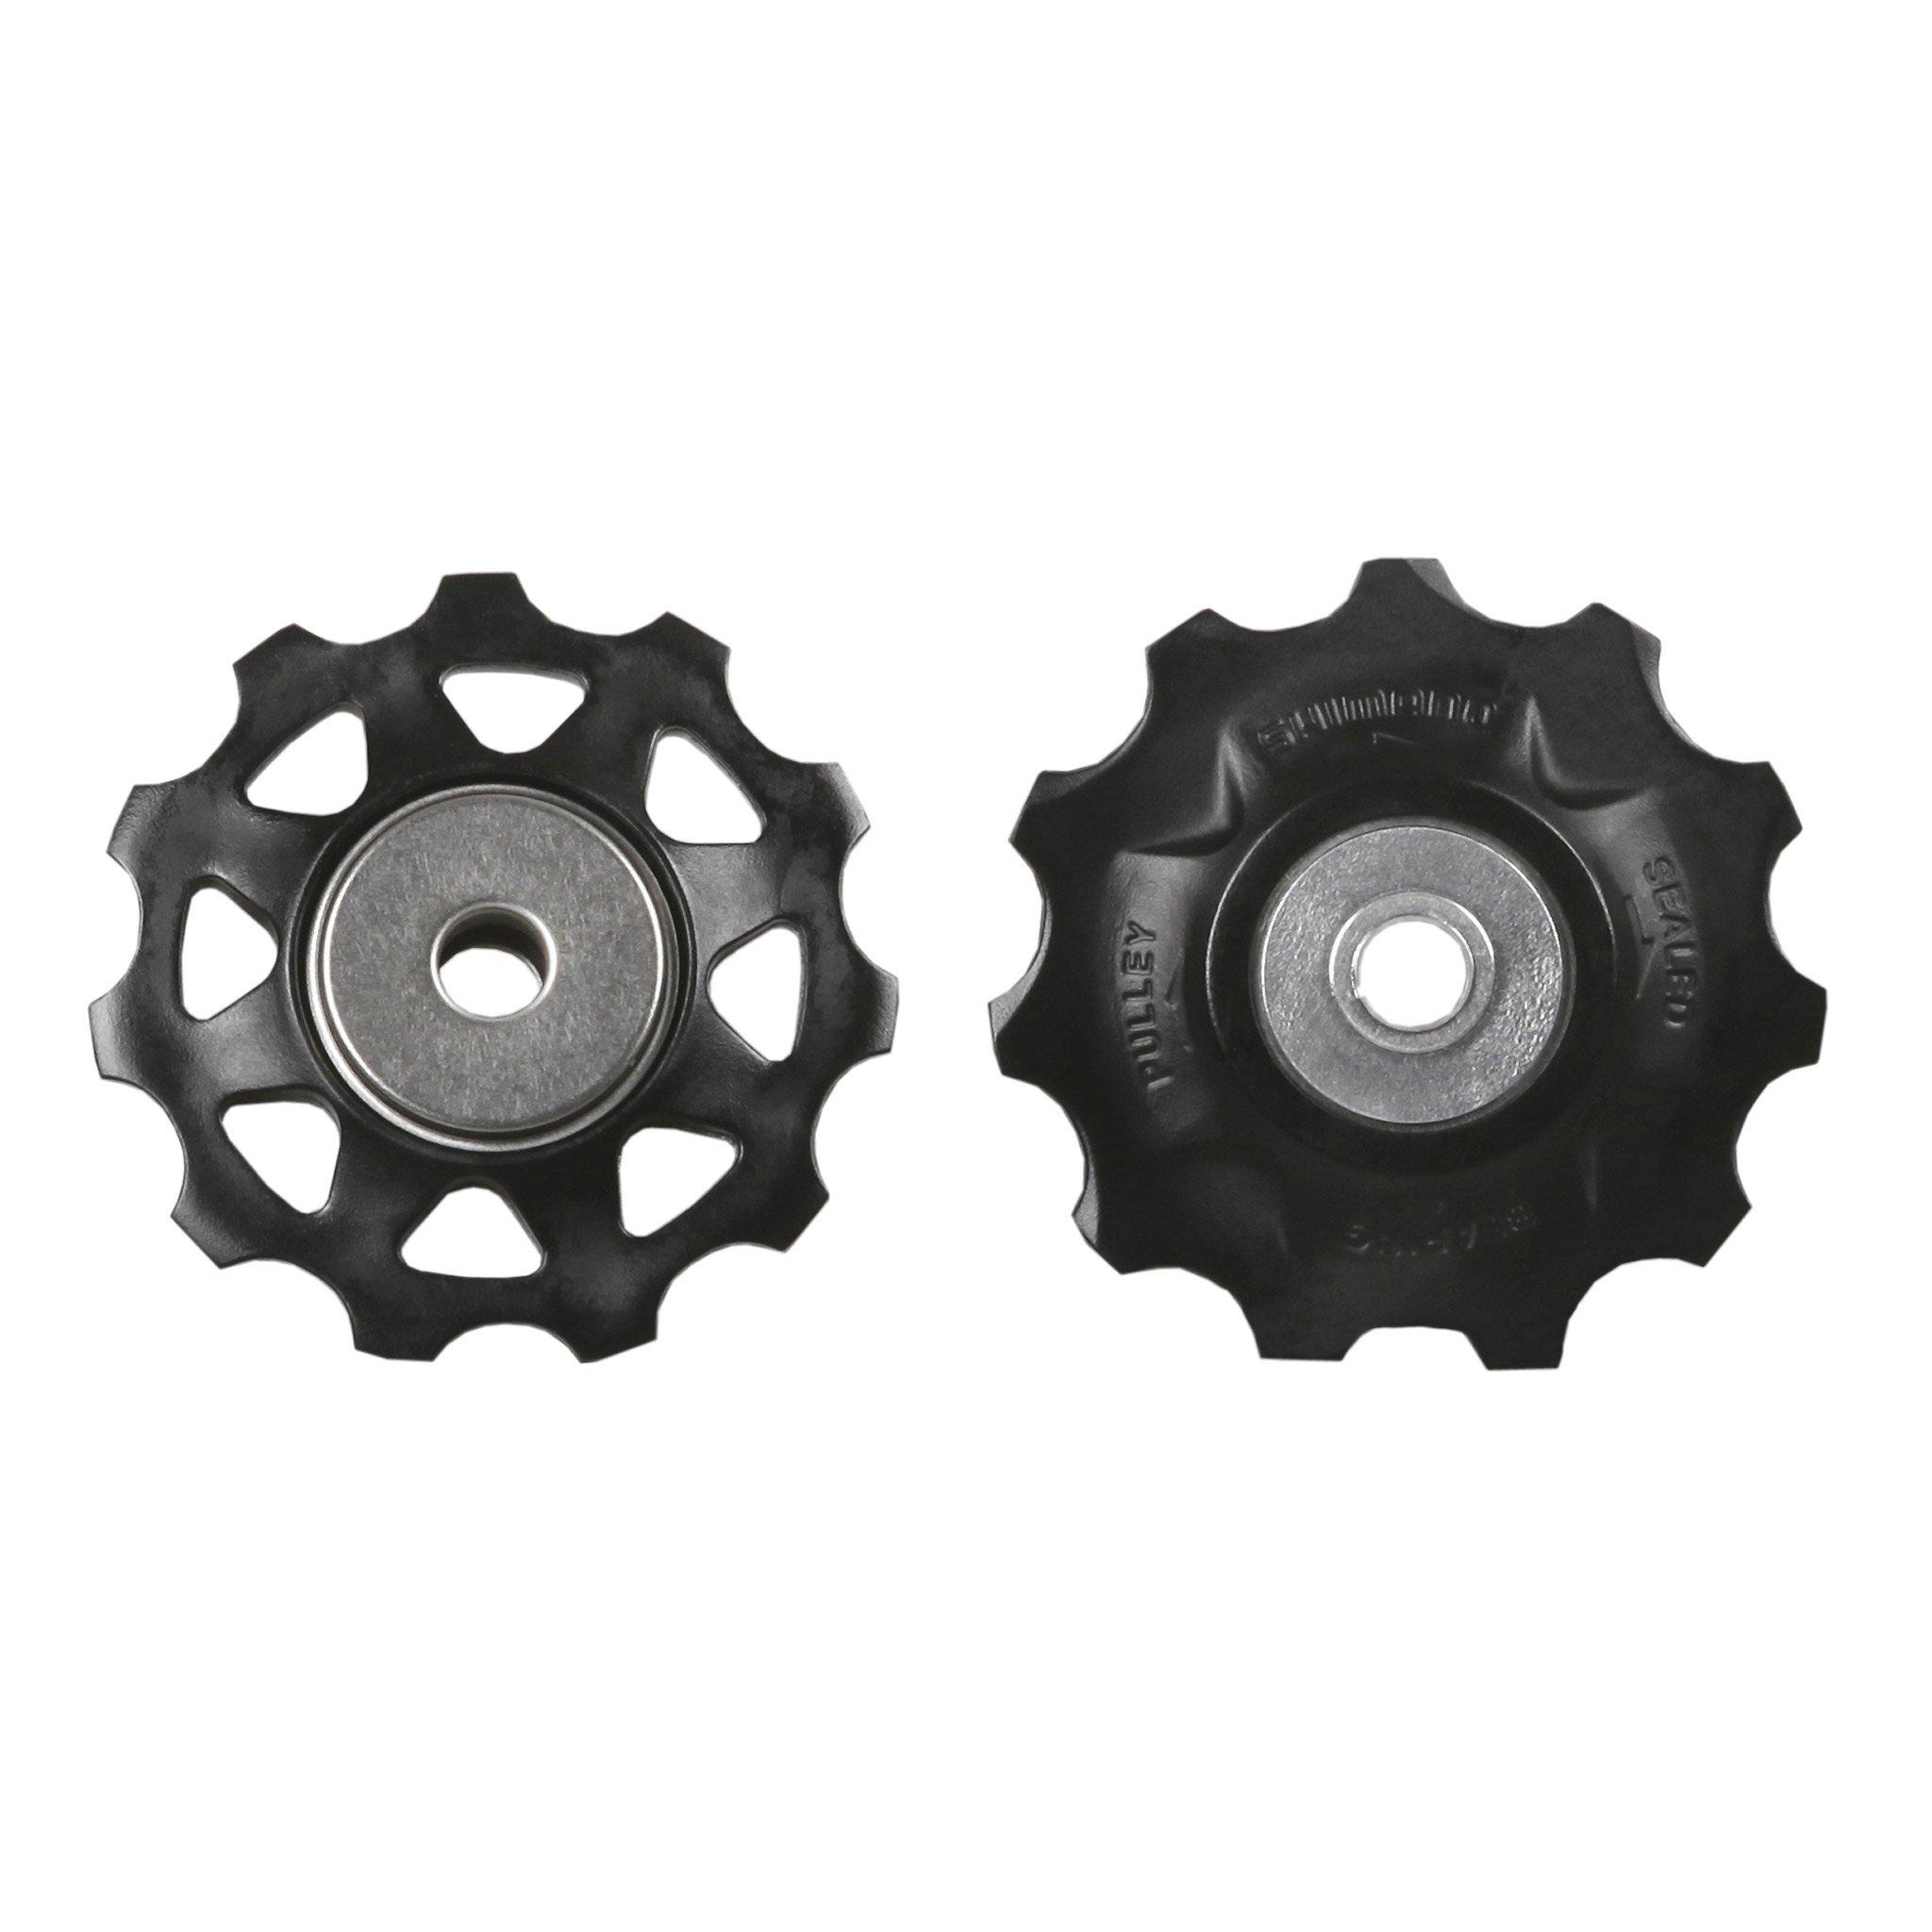 Shimano XTR M970 pulleyhjul | Pulleyhjul